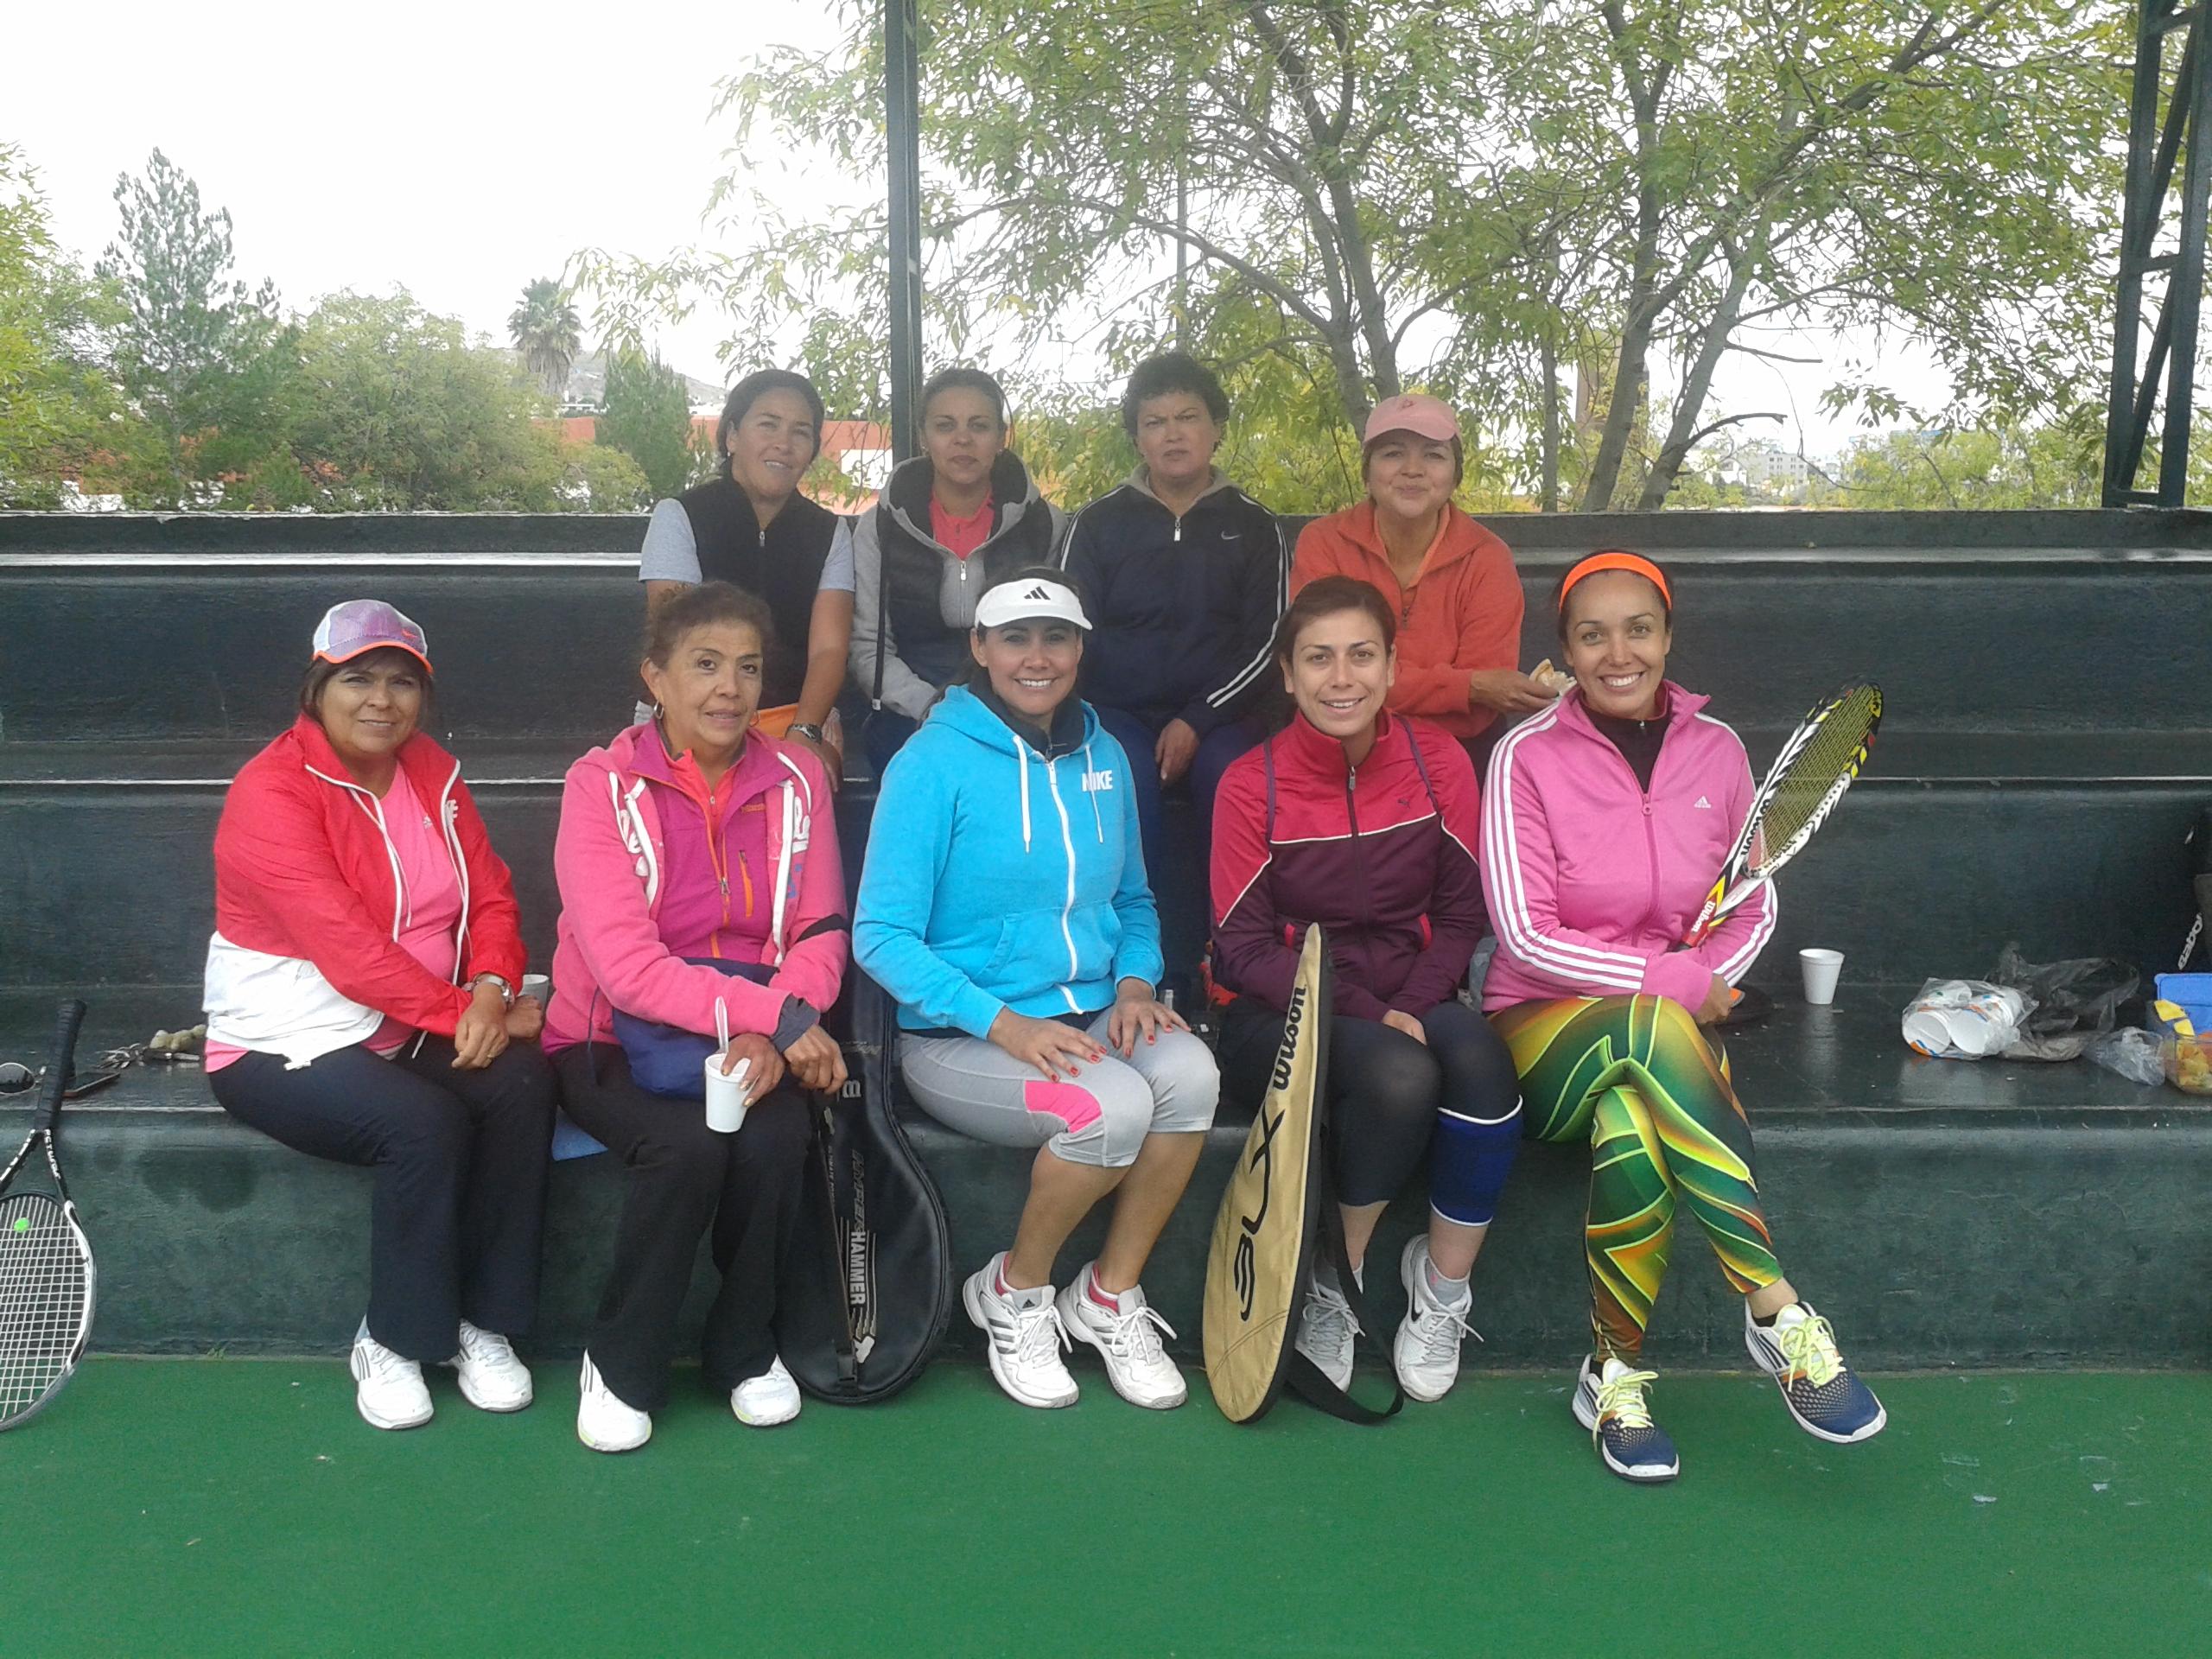 Club zacatecas